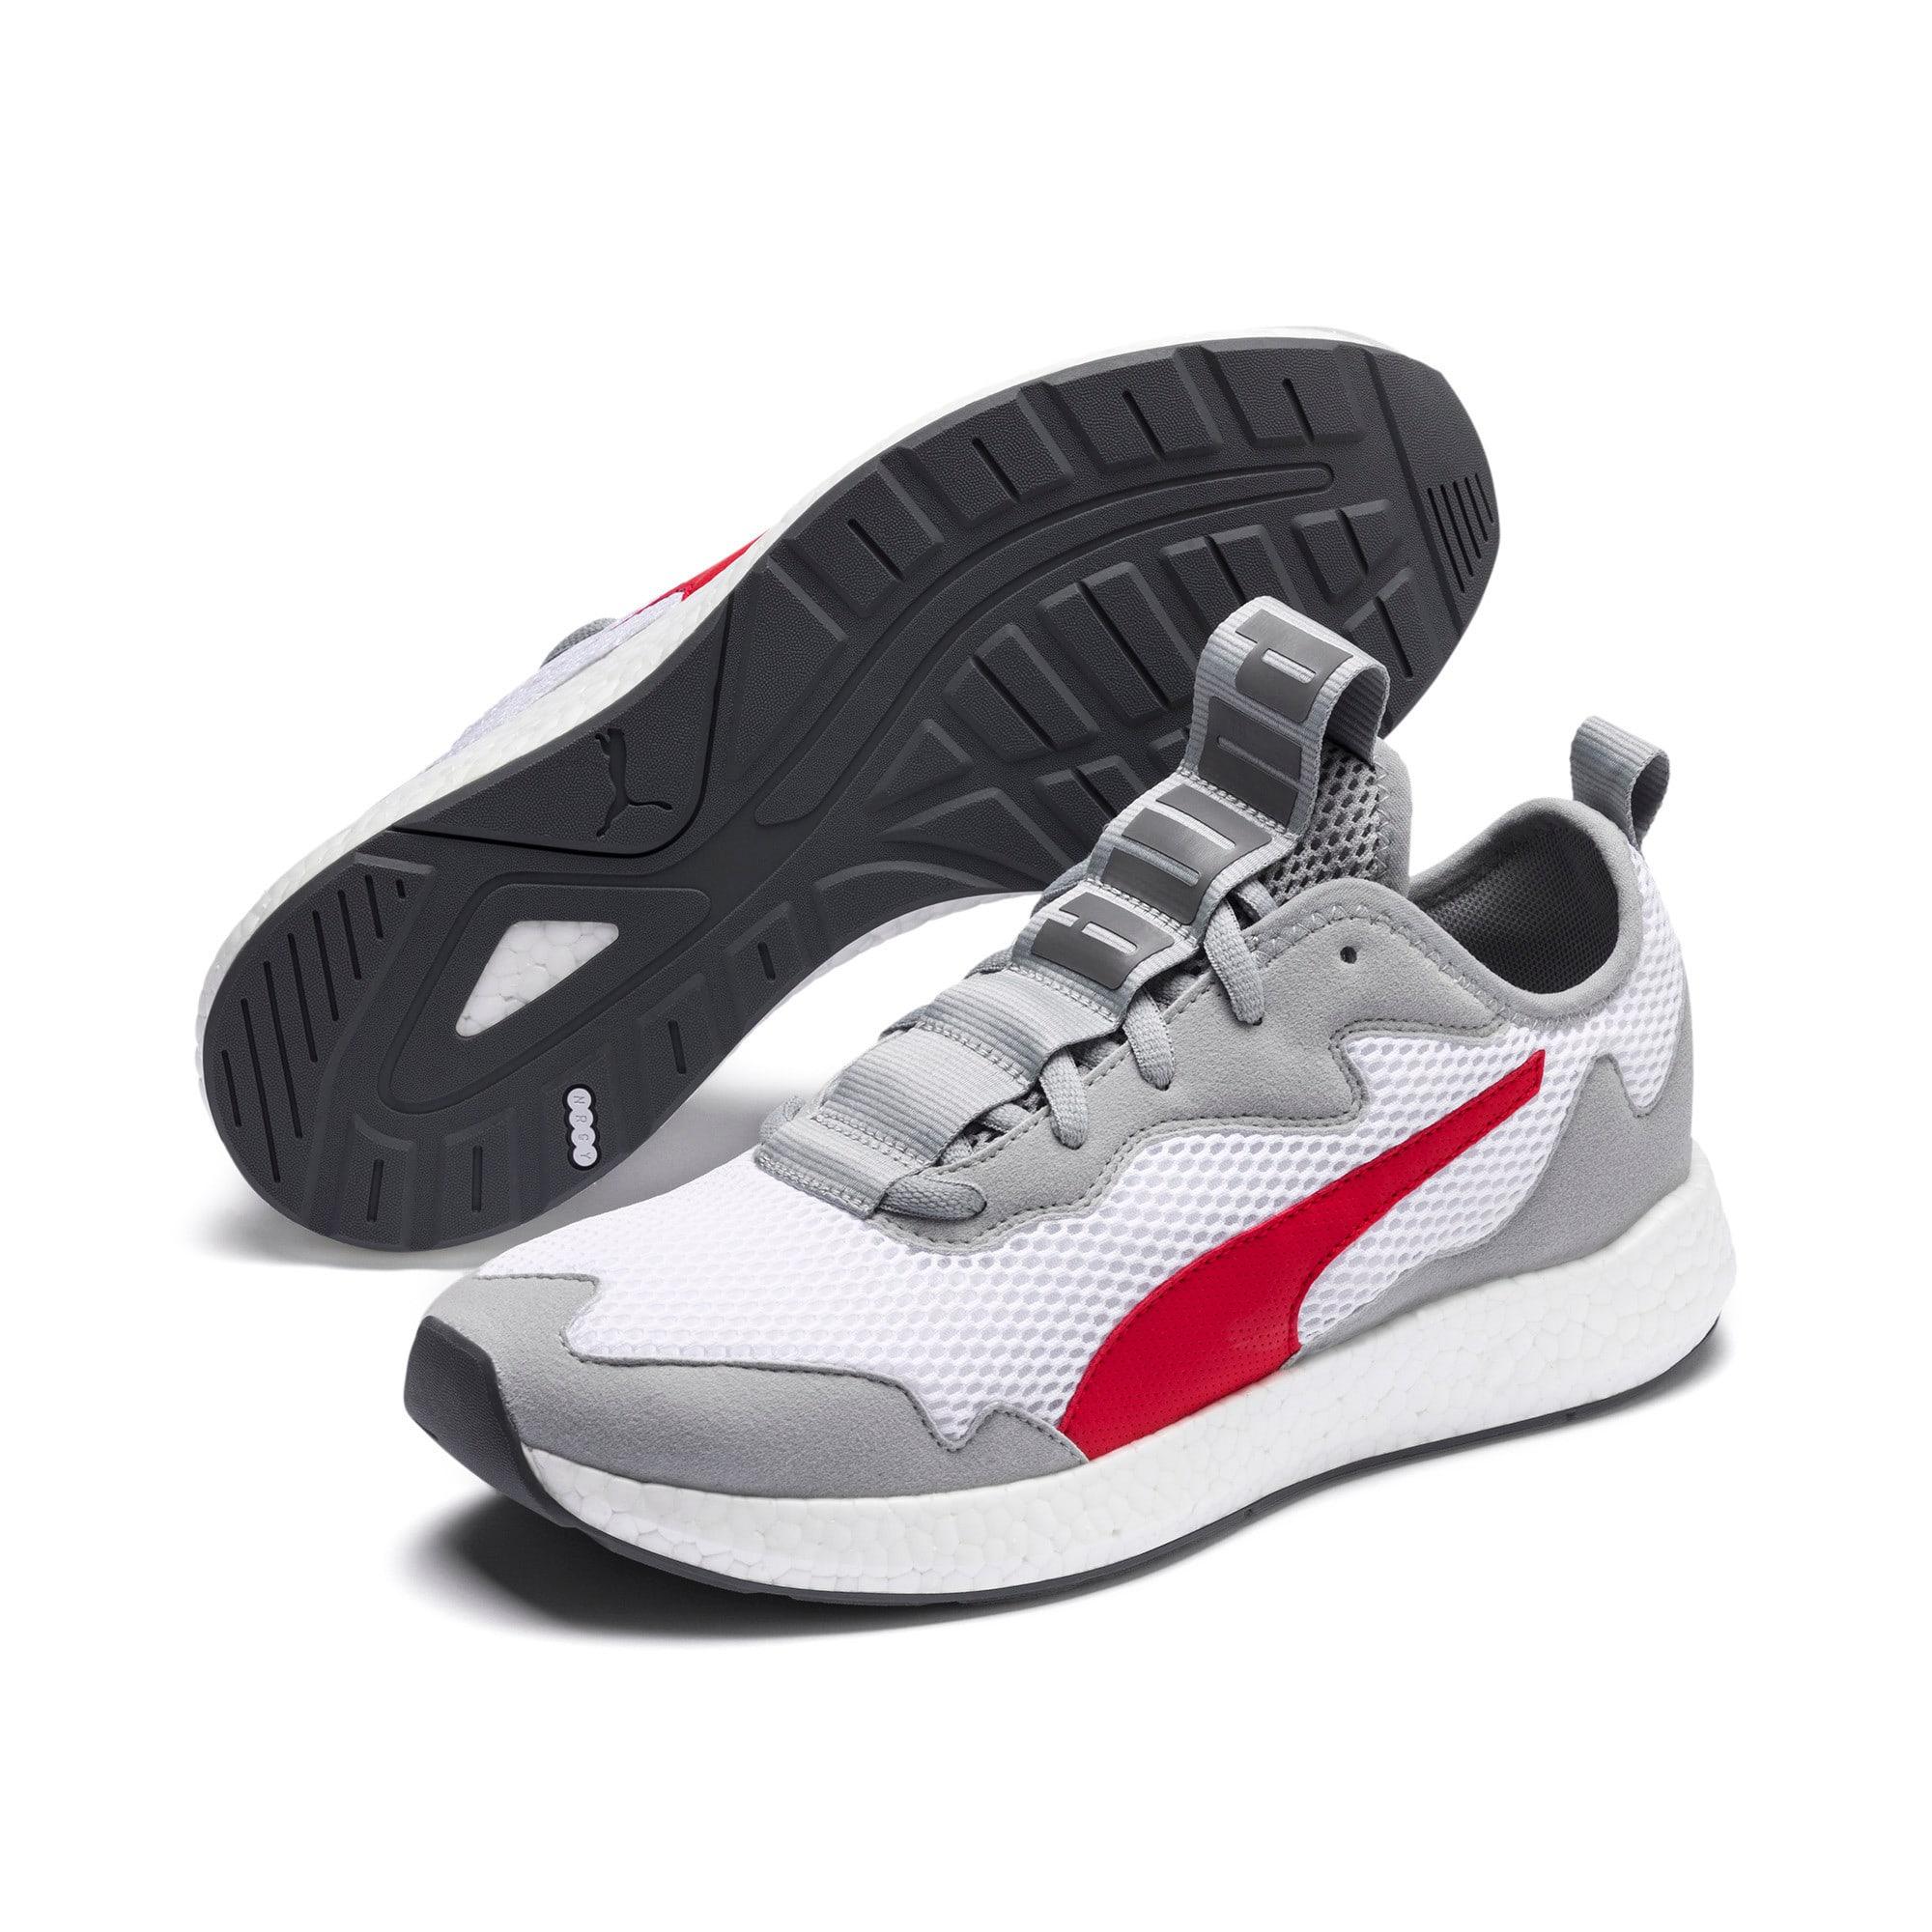 Thumbnail 2 of NRGY Neko Skim Men's Running Shoes, High Rise-High Risk Red, medium